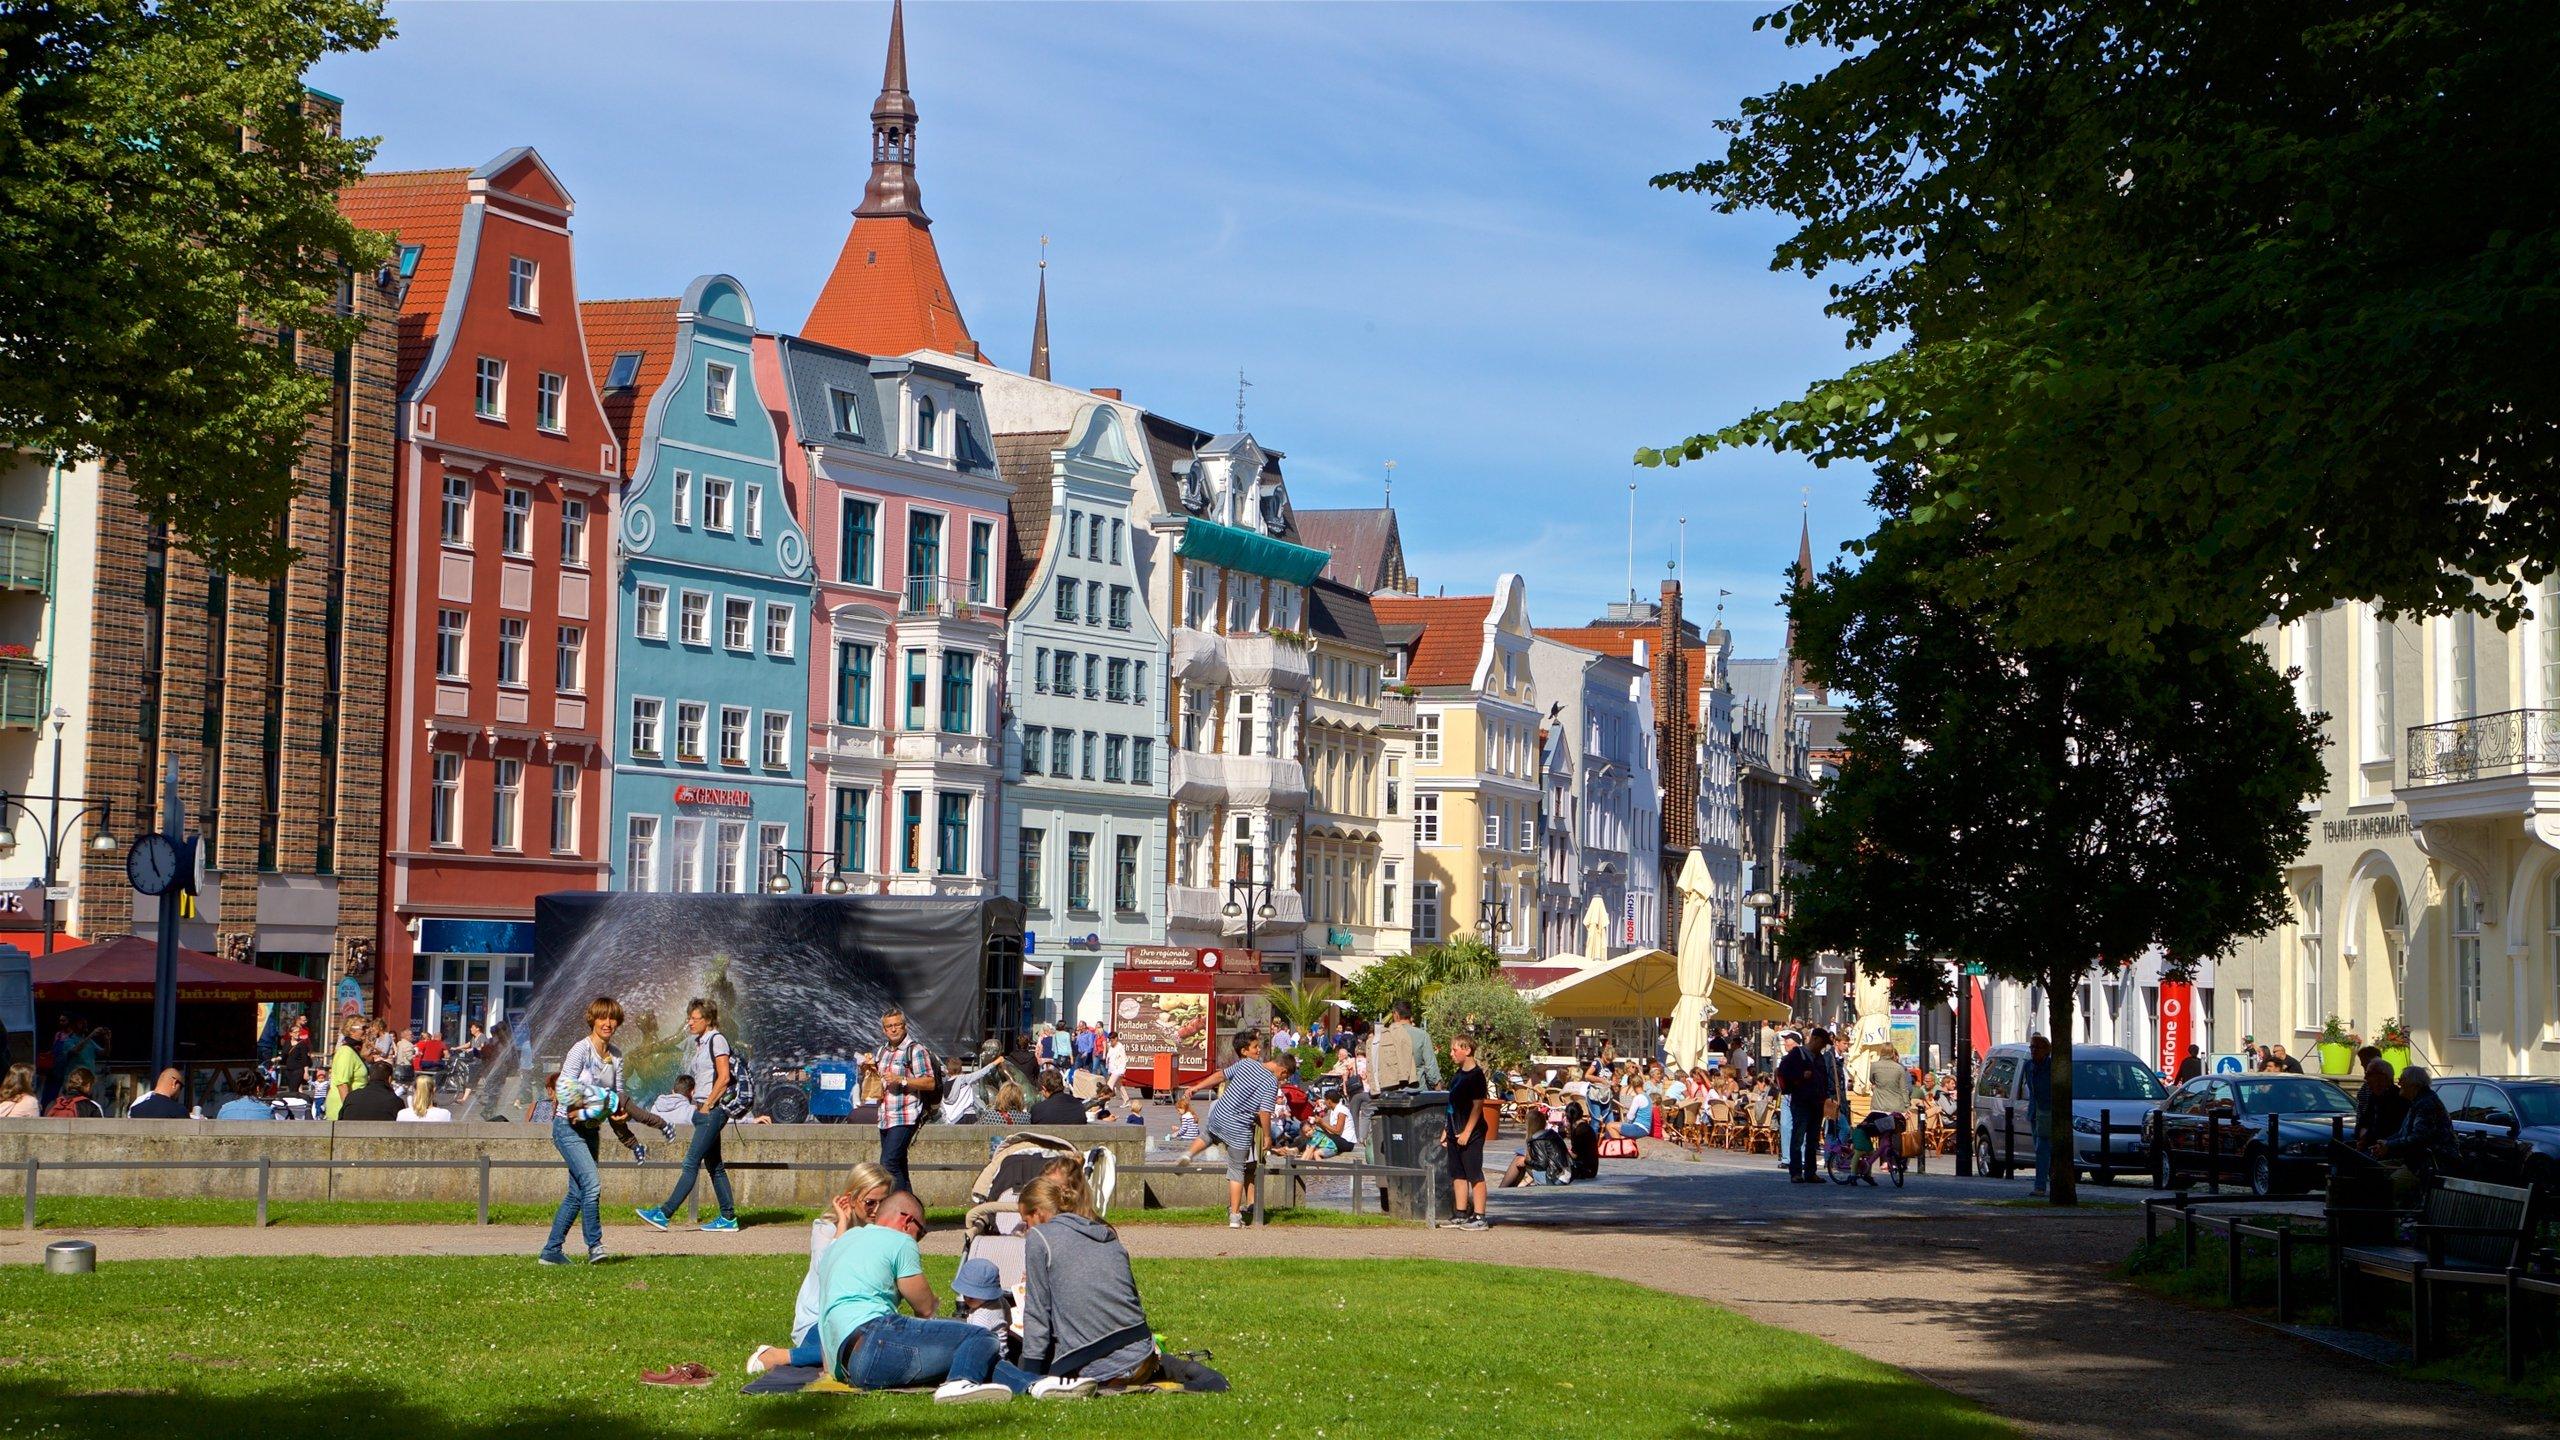 Rostock, Mecklenburg - Voor-Pommern, Duitsland